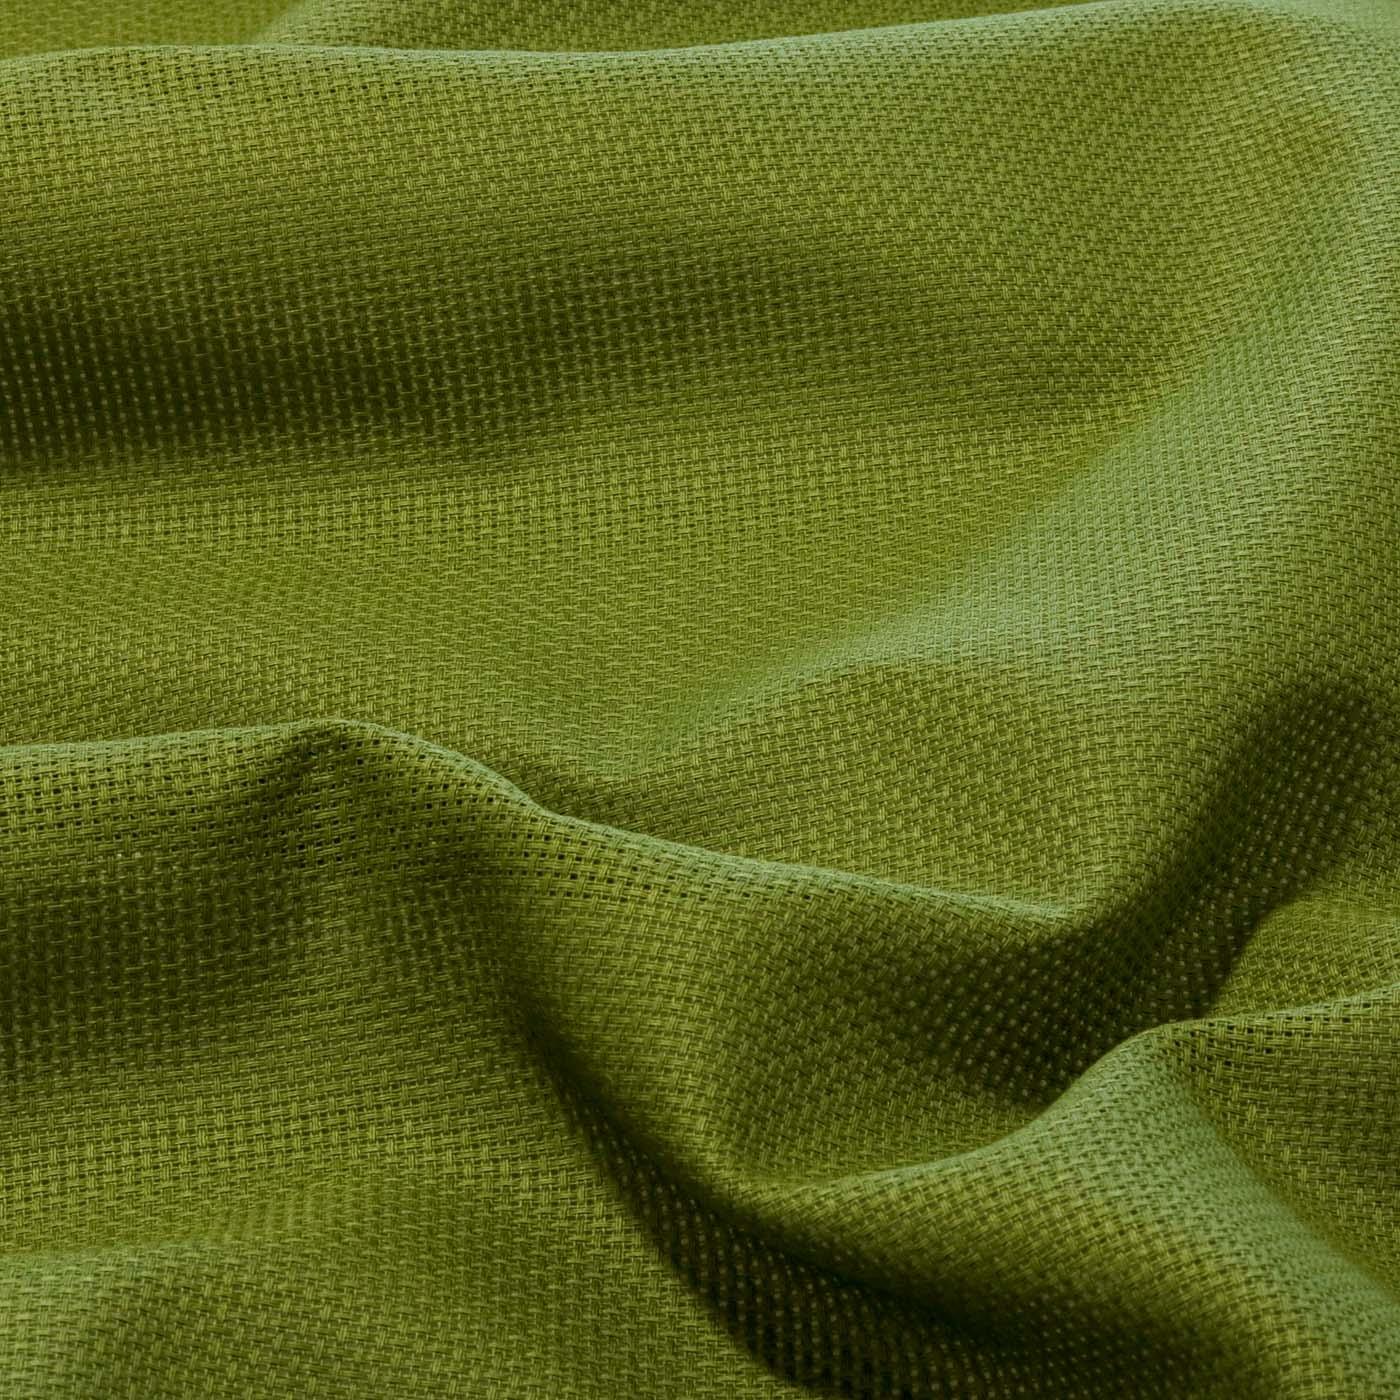 Tecido Etamine 100% Algodão 1,40 m Largura Verde Musgo